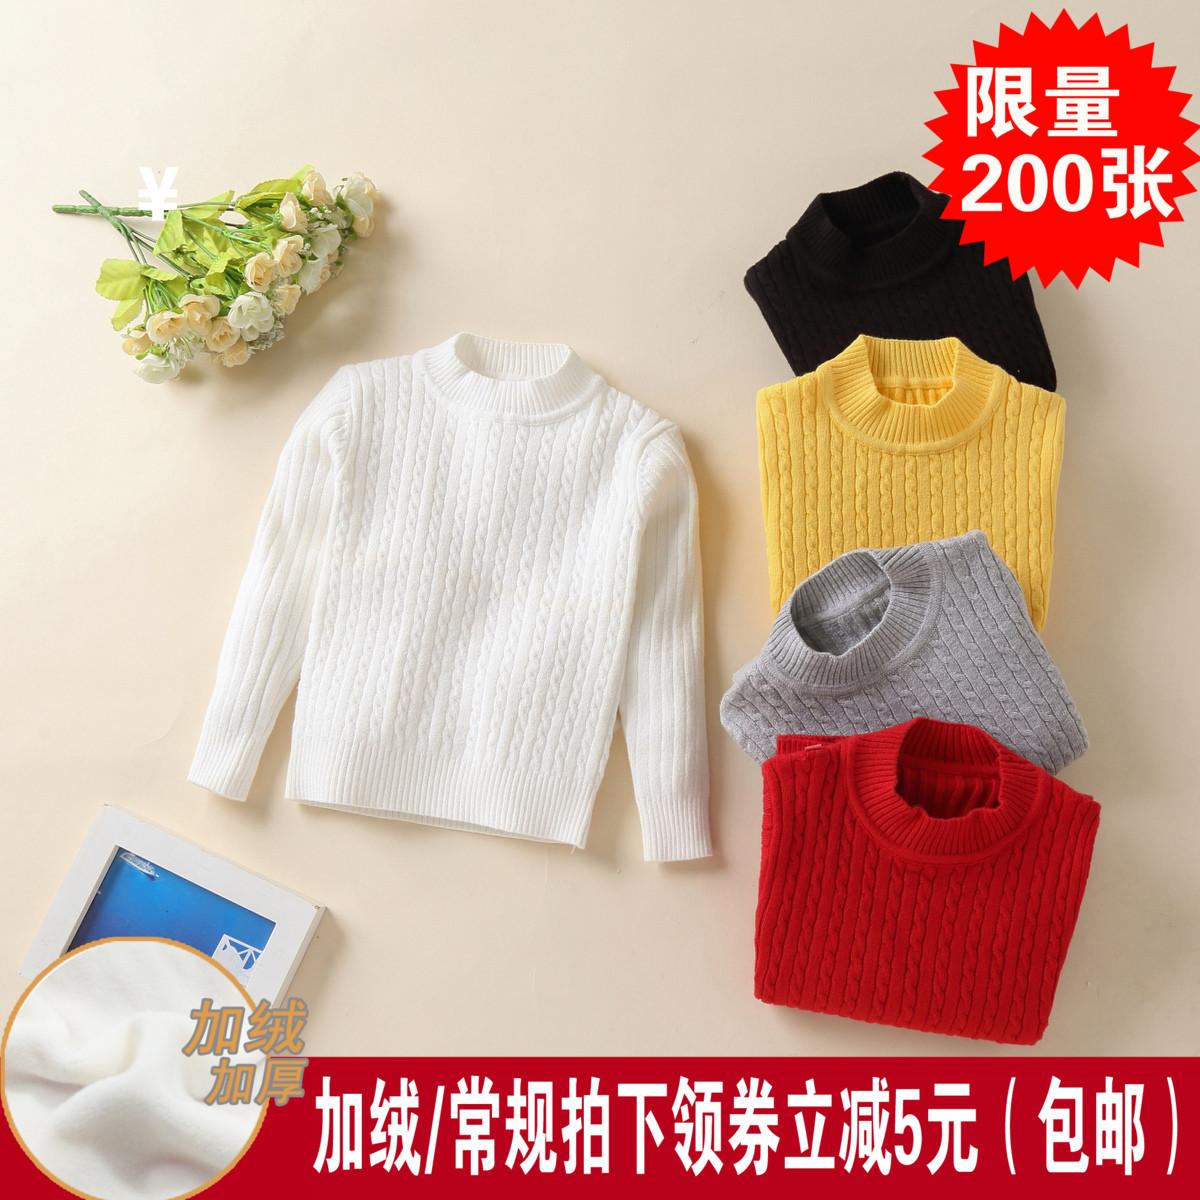 儿童毛衣秋冬纯棉圆领套头加厚针织衫婴儿毛衣男童女童纯色打底衫